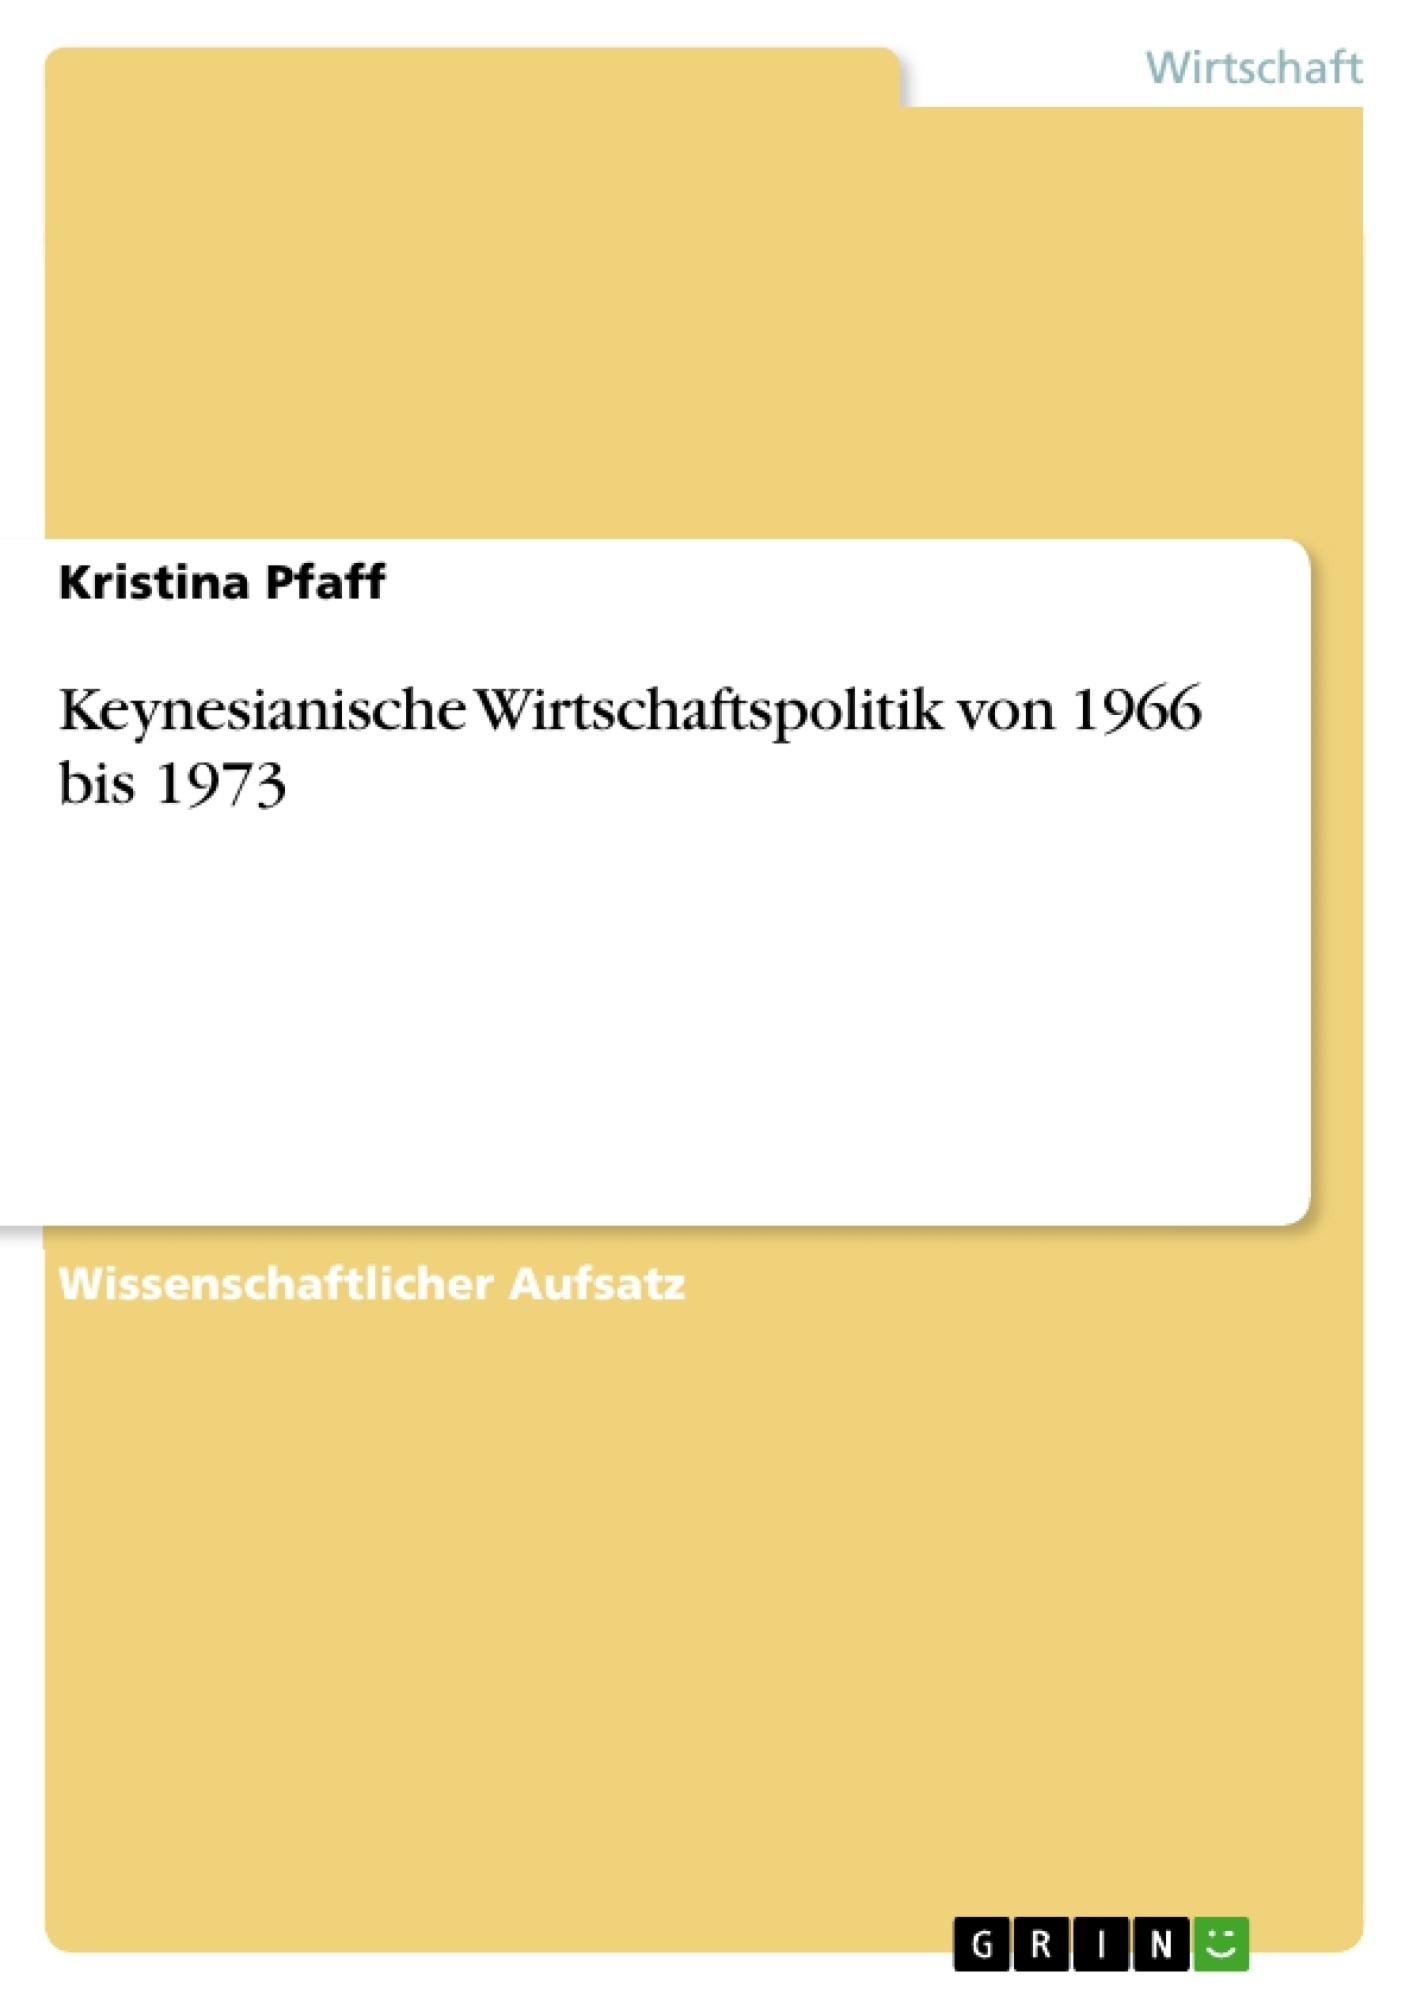 Titel: Keynesianische Wirtschaftspolitik von 1966 bis 1973